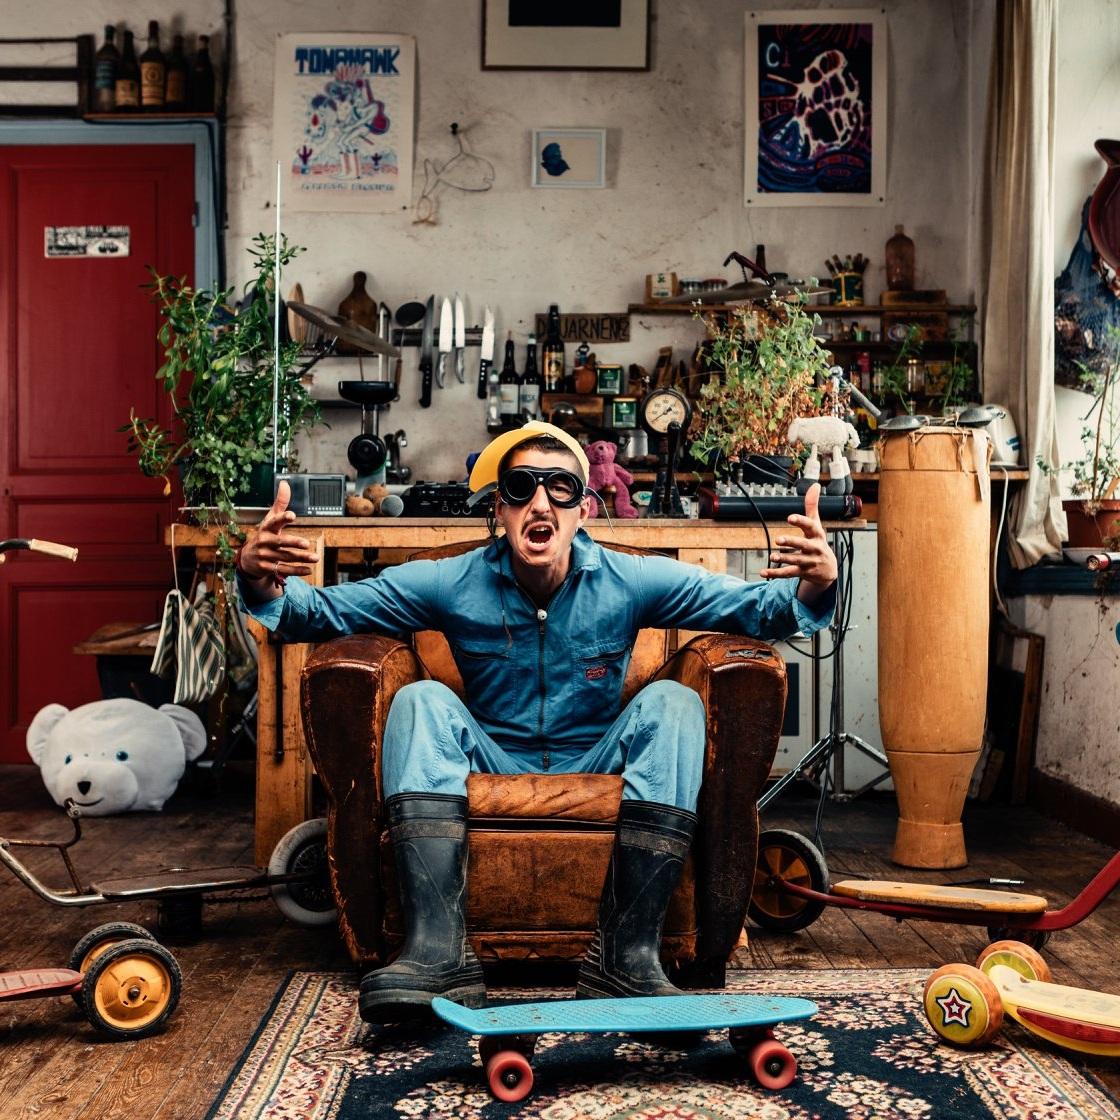 El maout - Dadaistisk hip hop performance fra den franske landsbygda